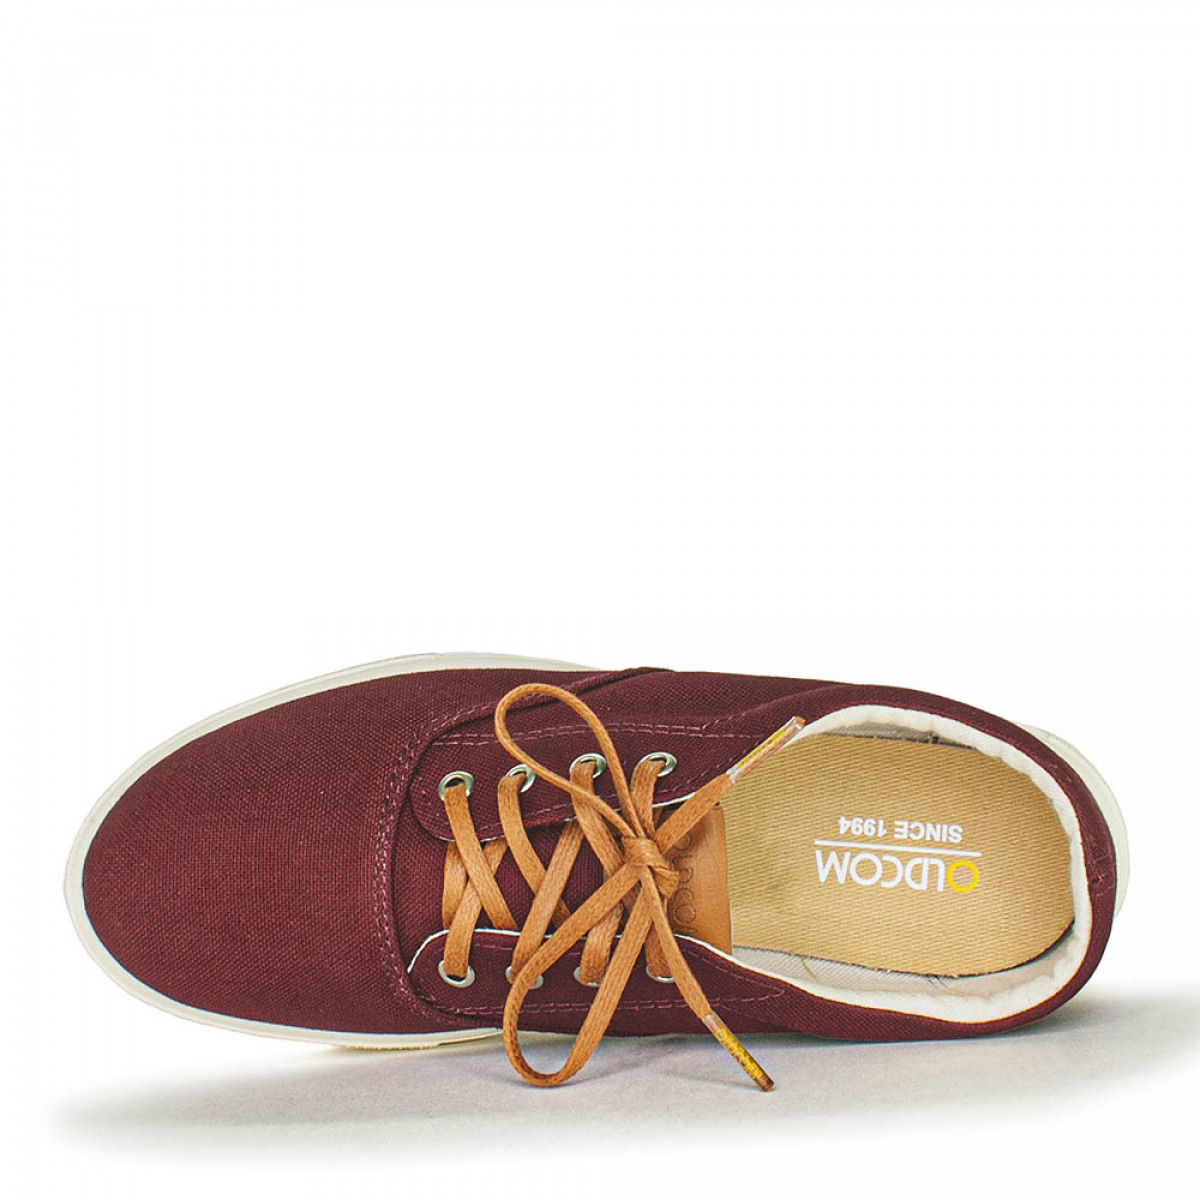 Sneakers TAYLOR, Burgundy